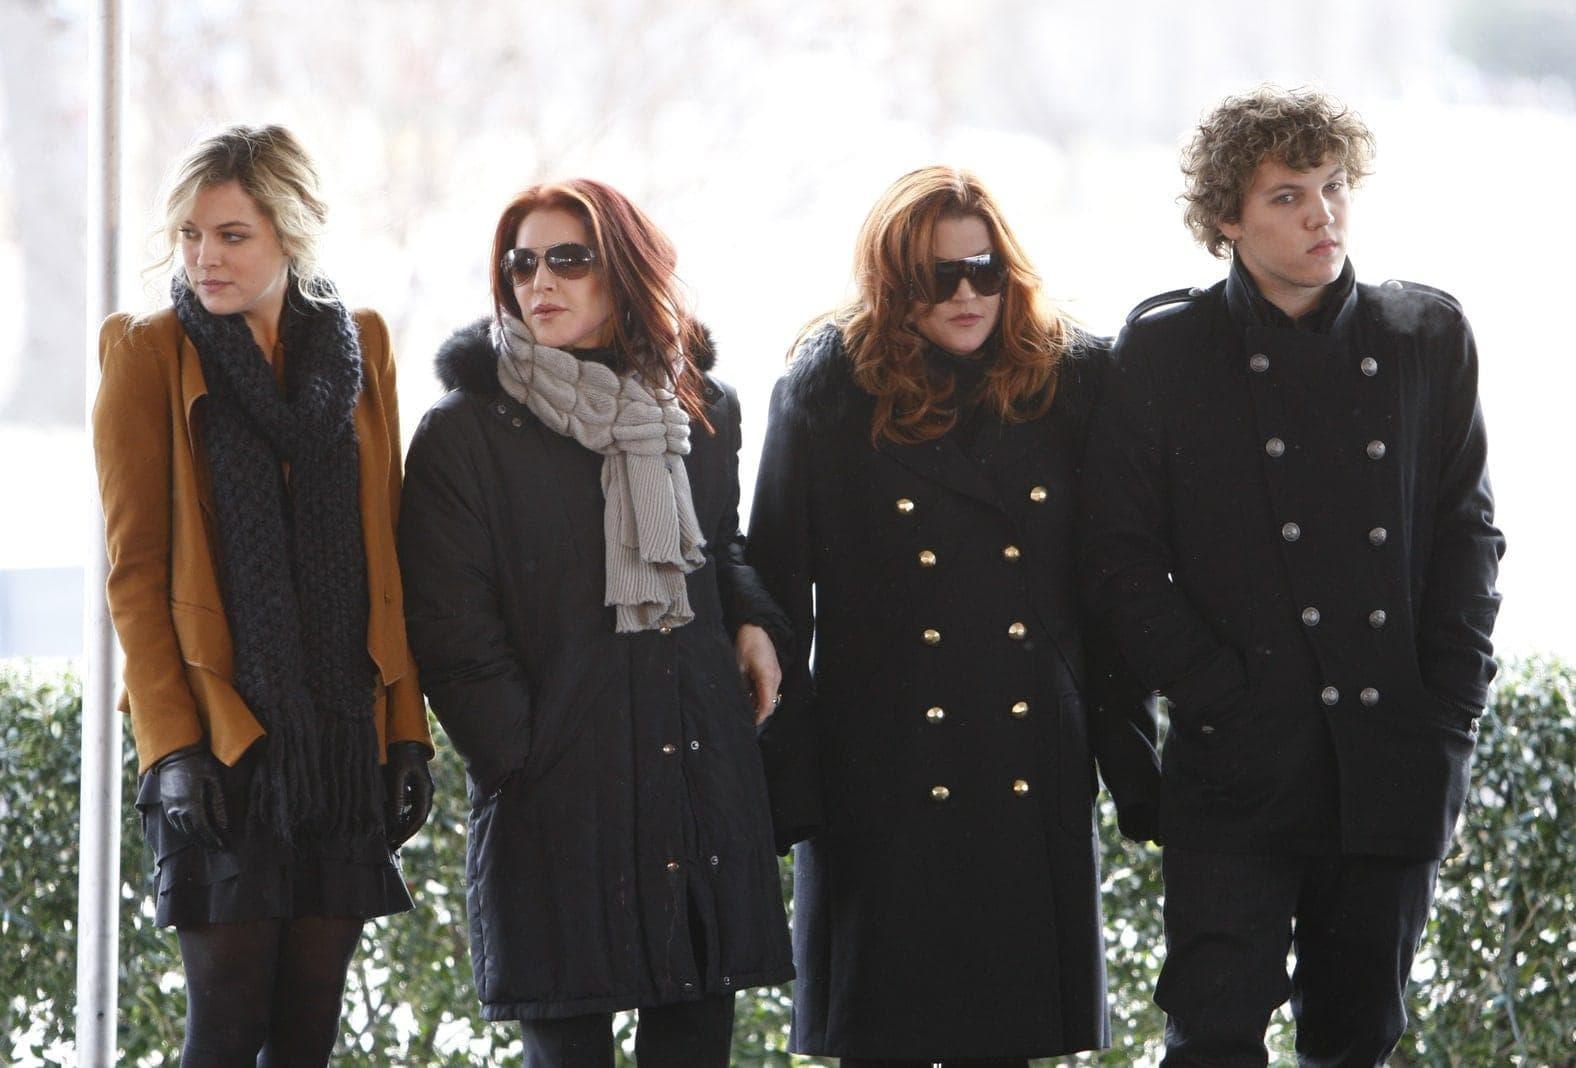 Riley Keough, Priscilla Presley, Lisa Marie Presley, Benjamin Keough